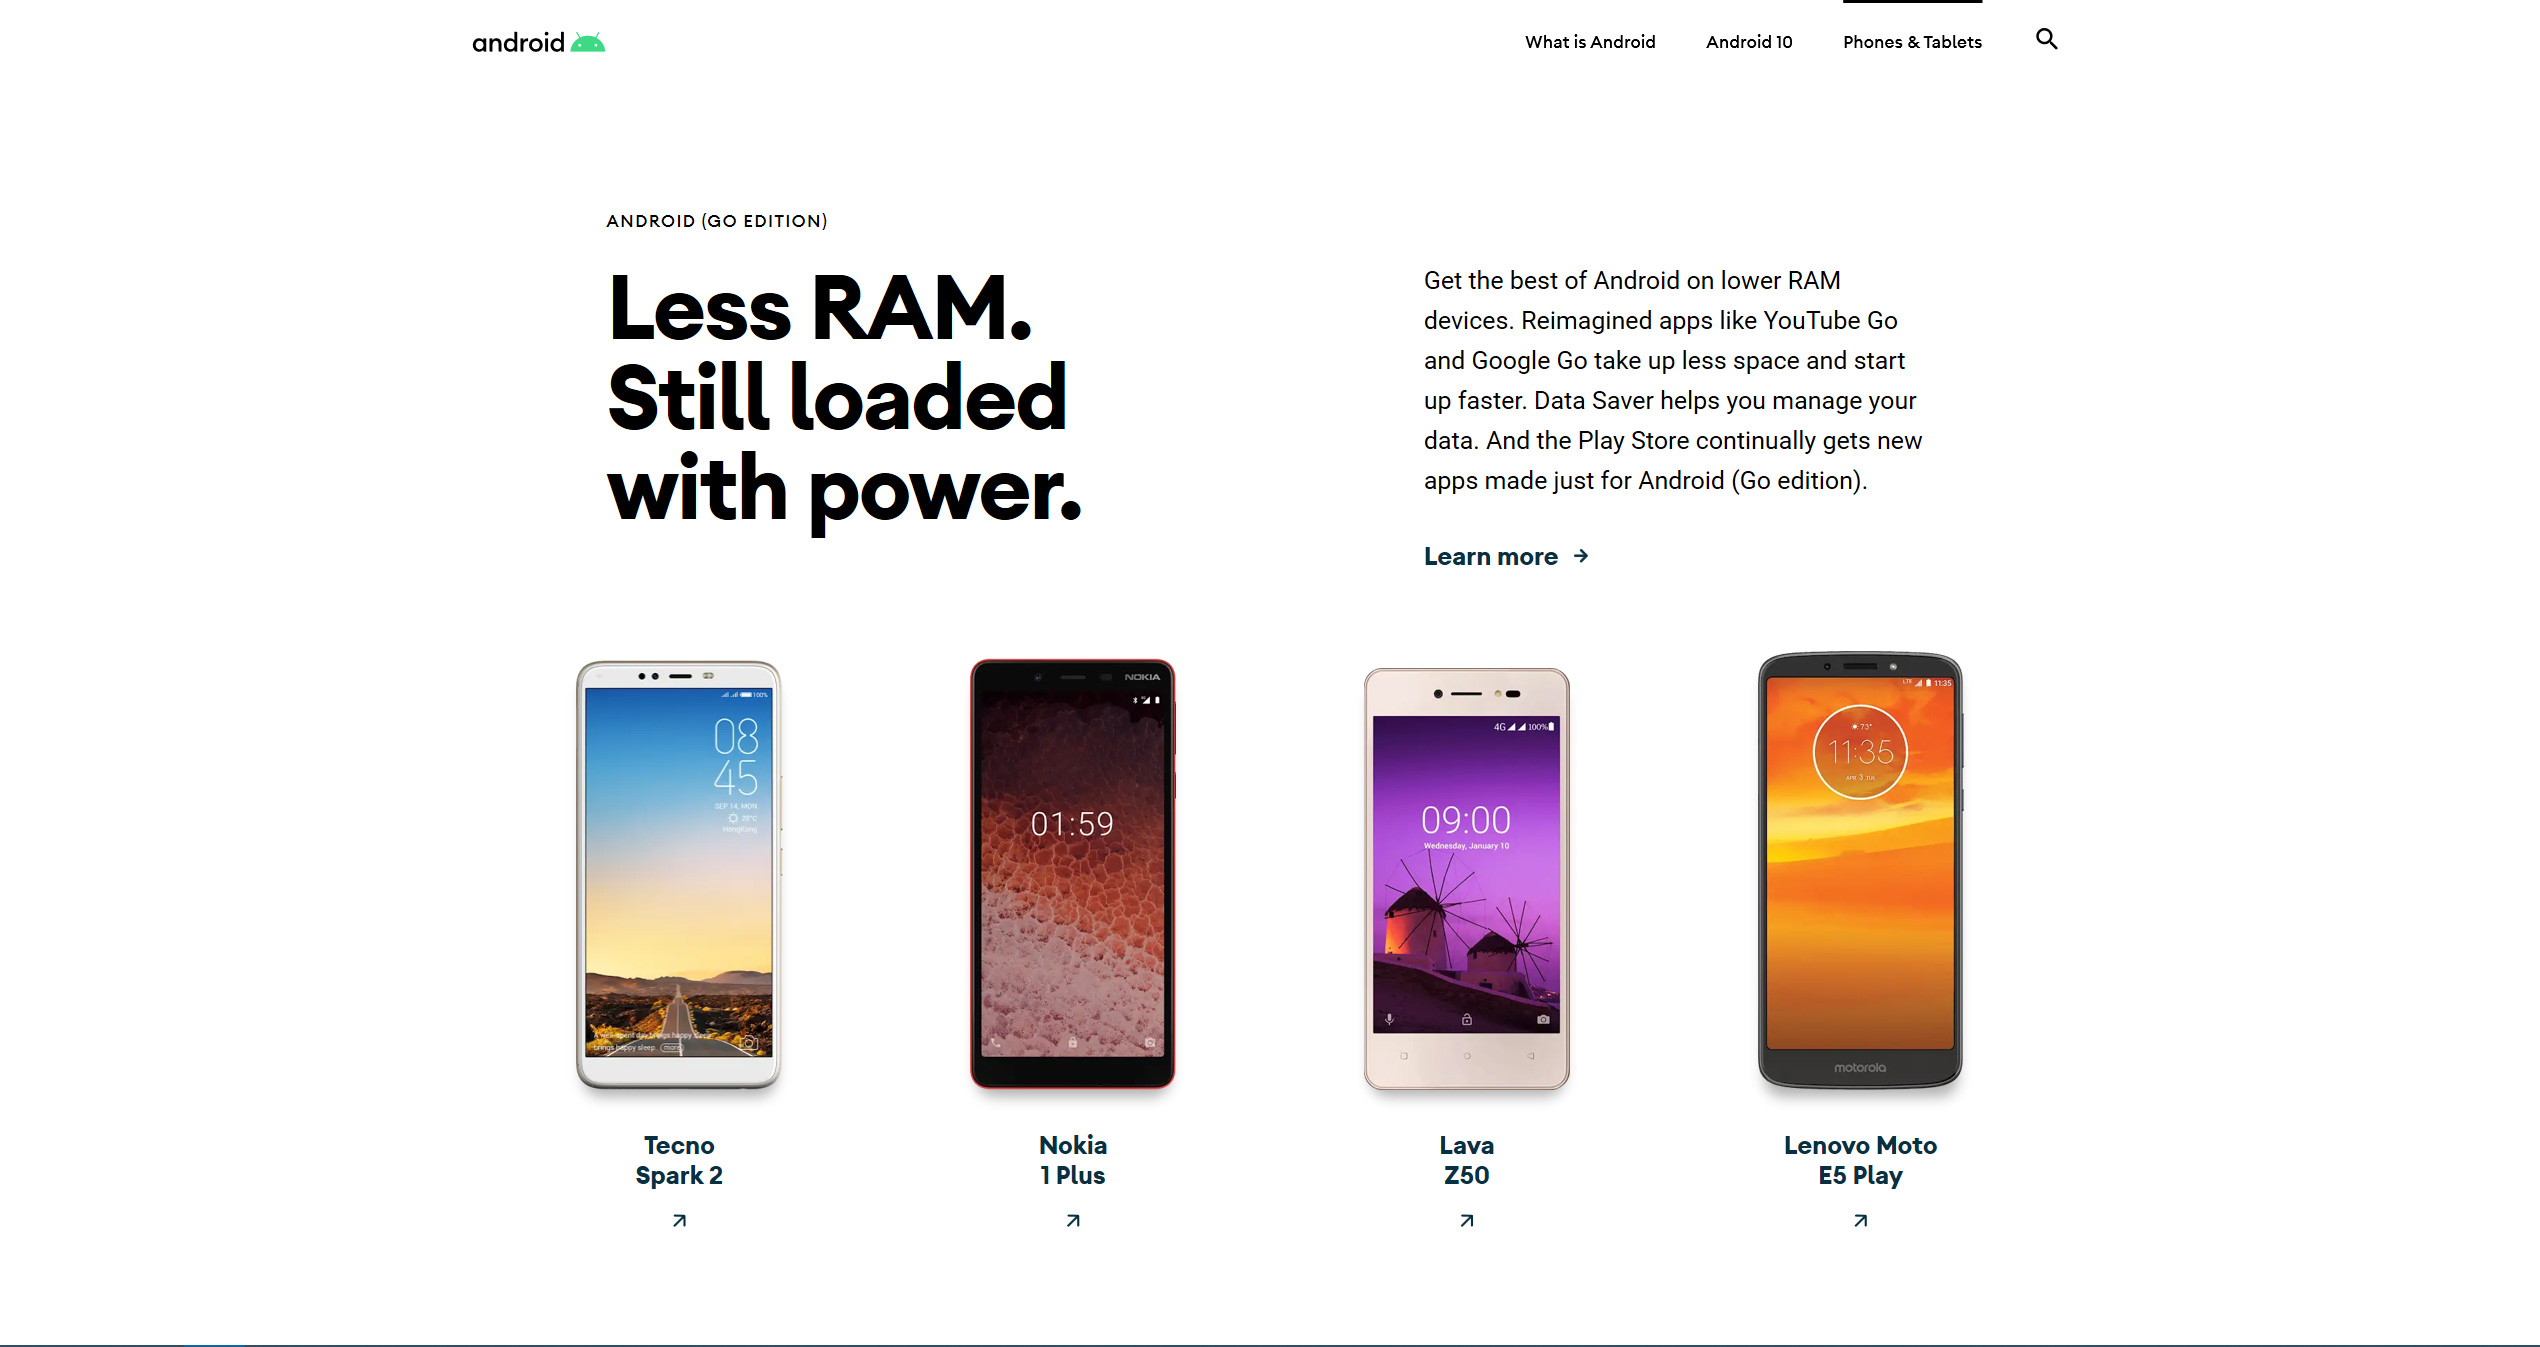 Mit der Einführung von Android 10 wird die Android-Website für das Biest erneuert 5